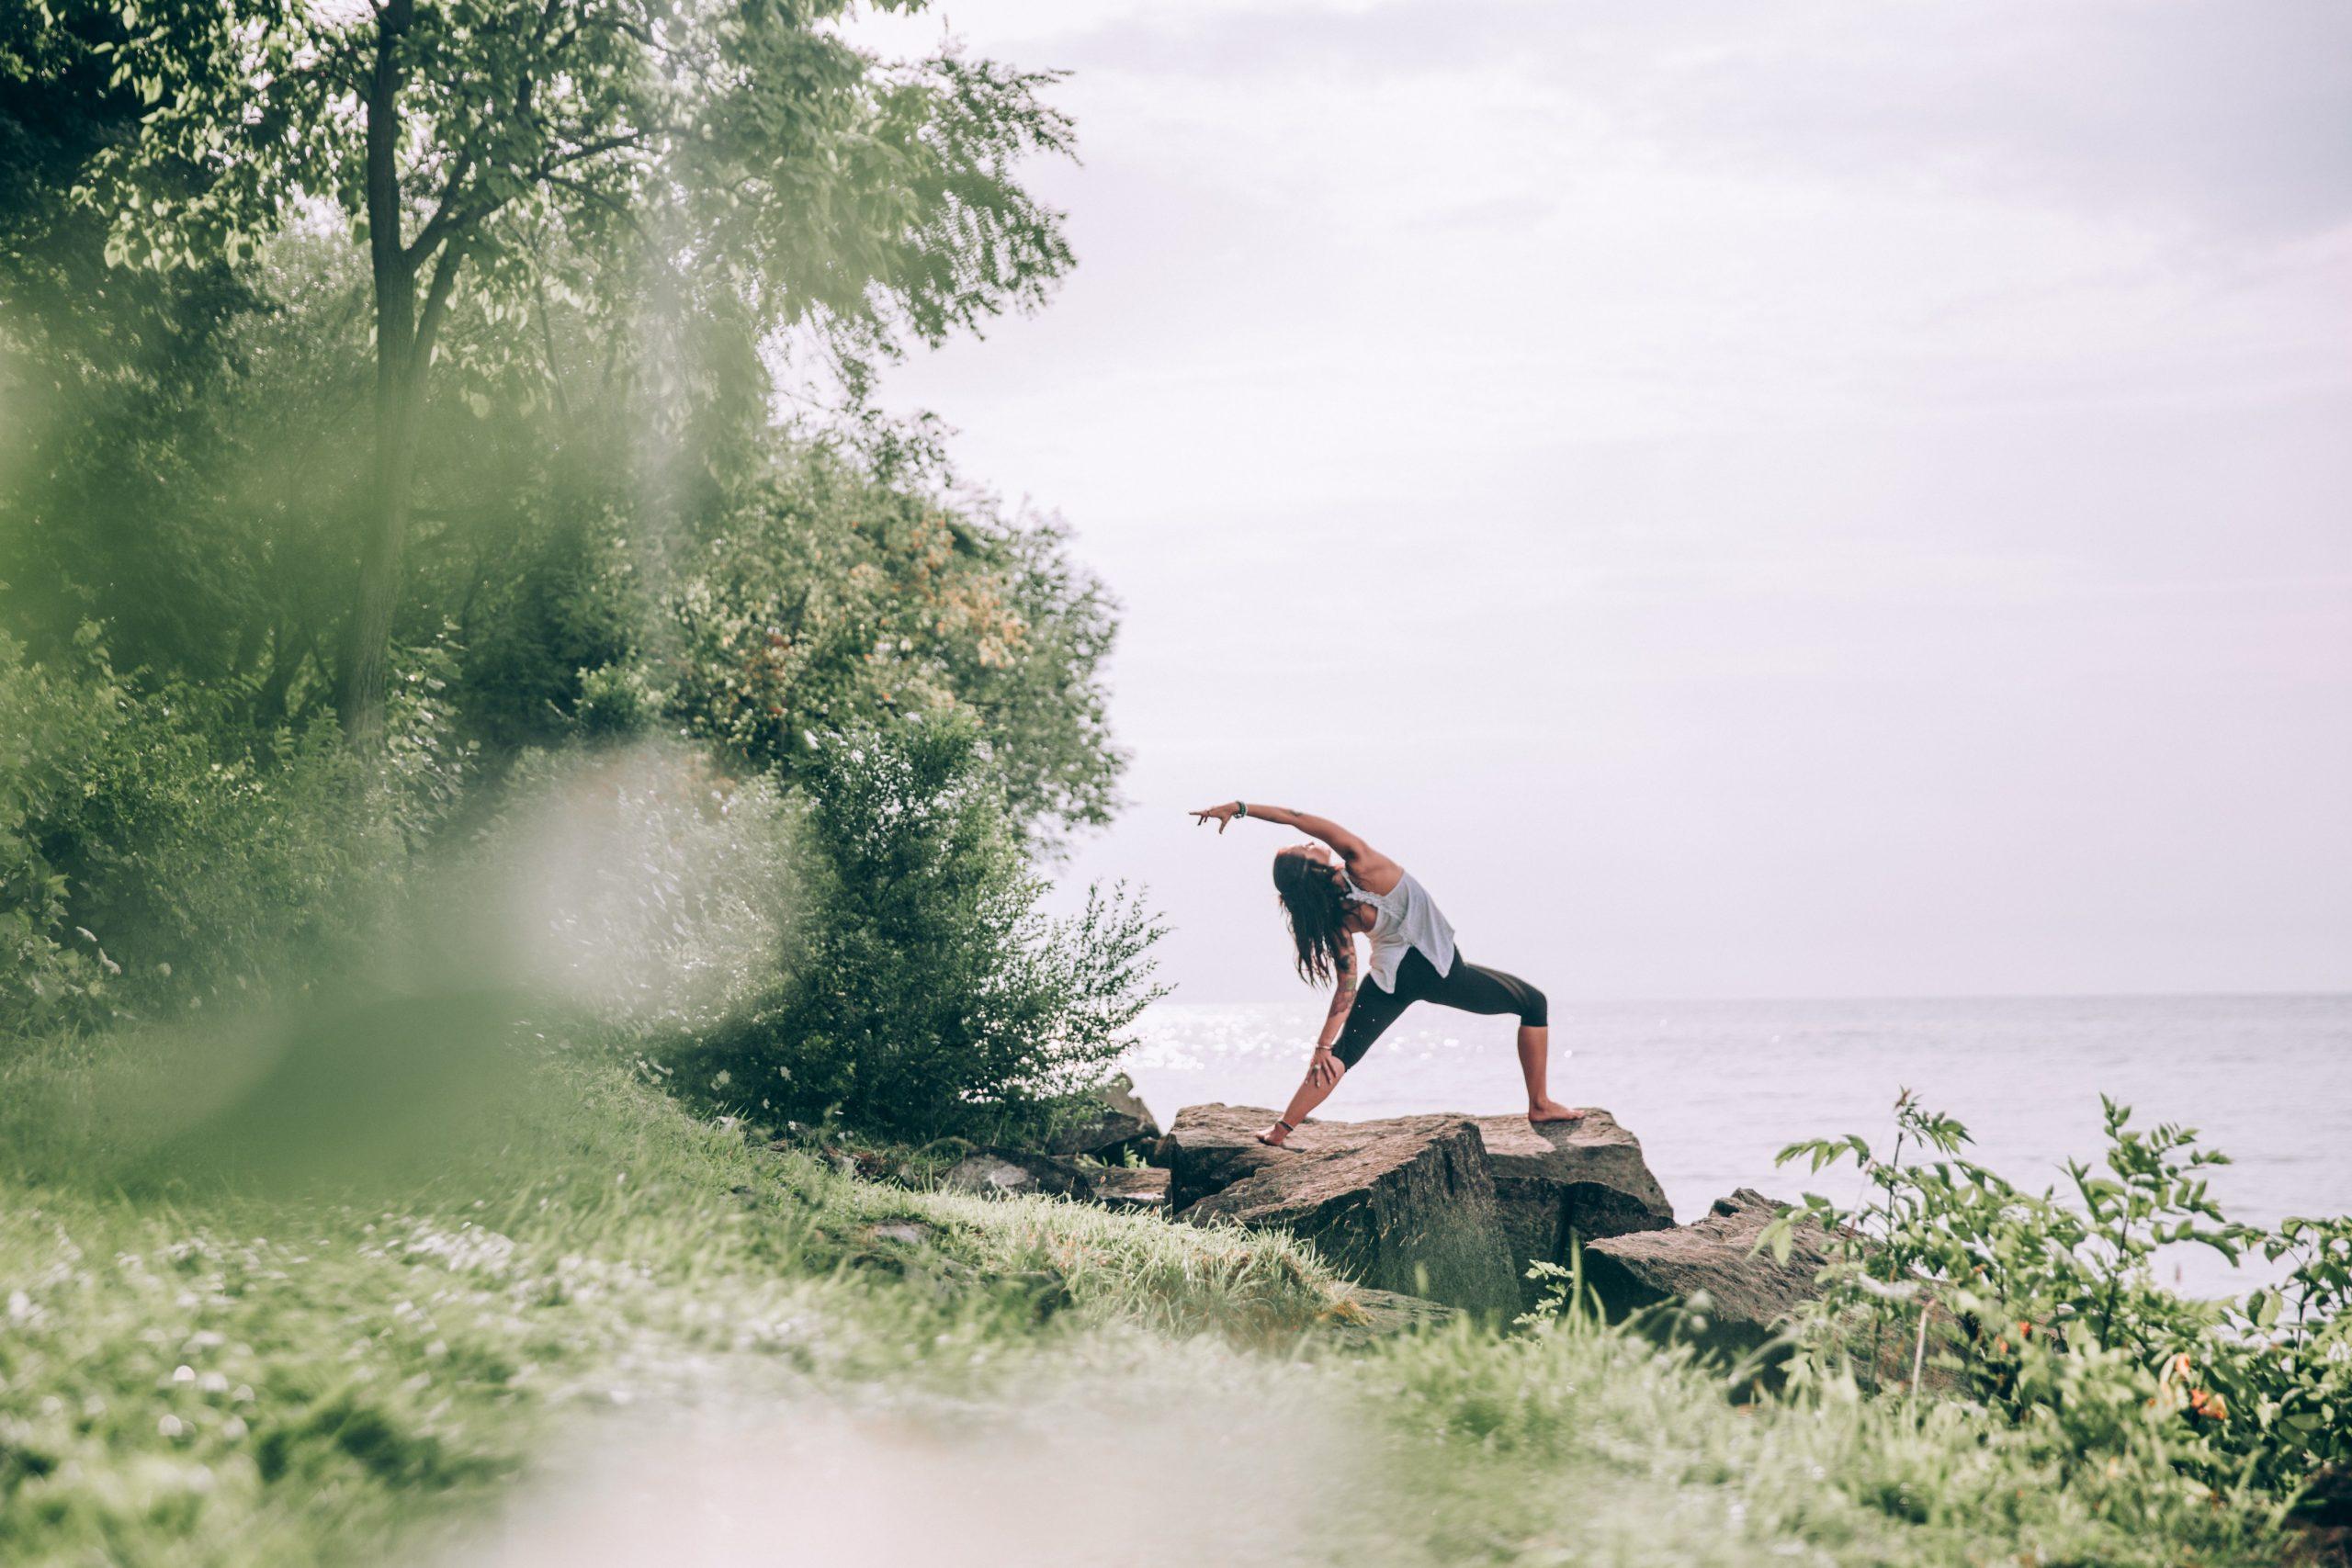 yoga-poses-on-seaside-rocks